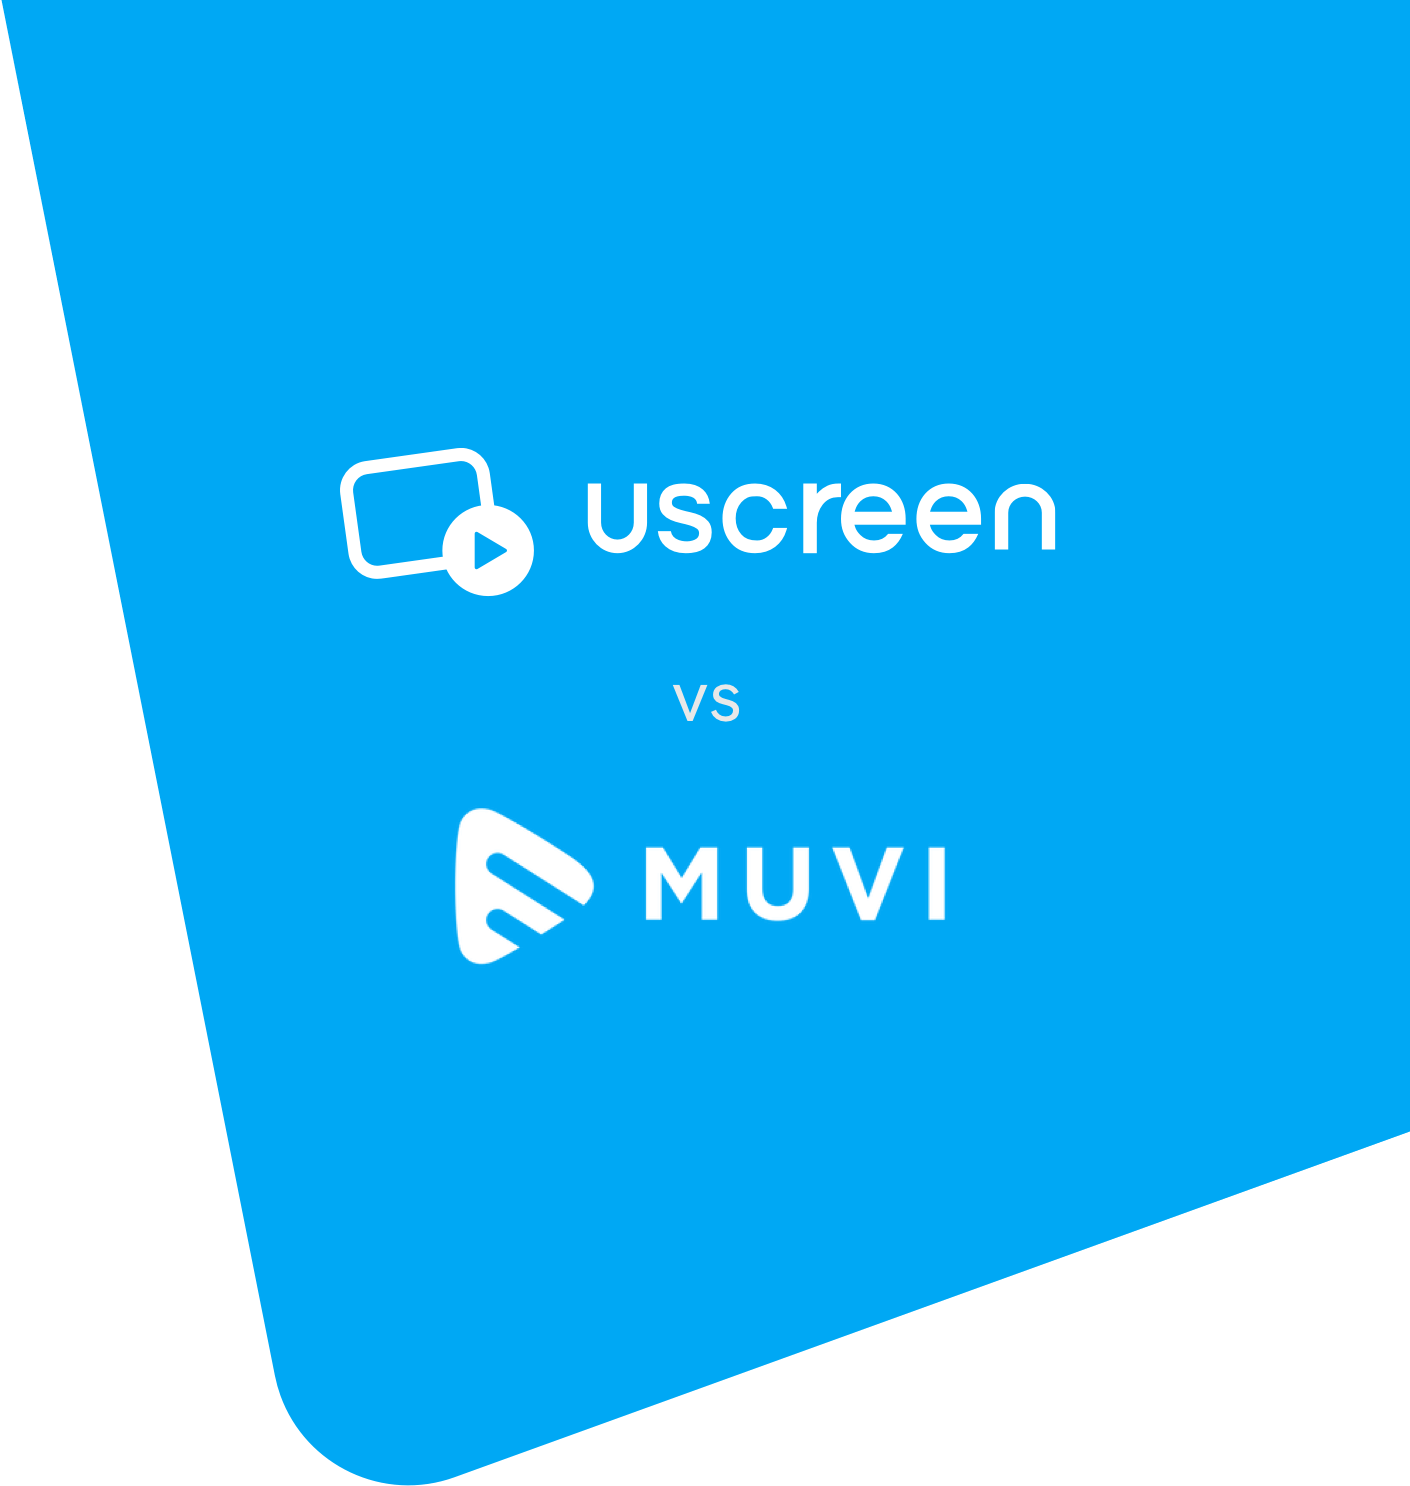 Muvi vs Uscreen